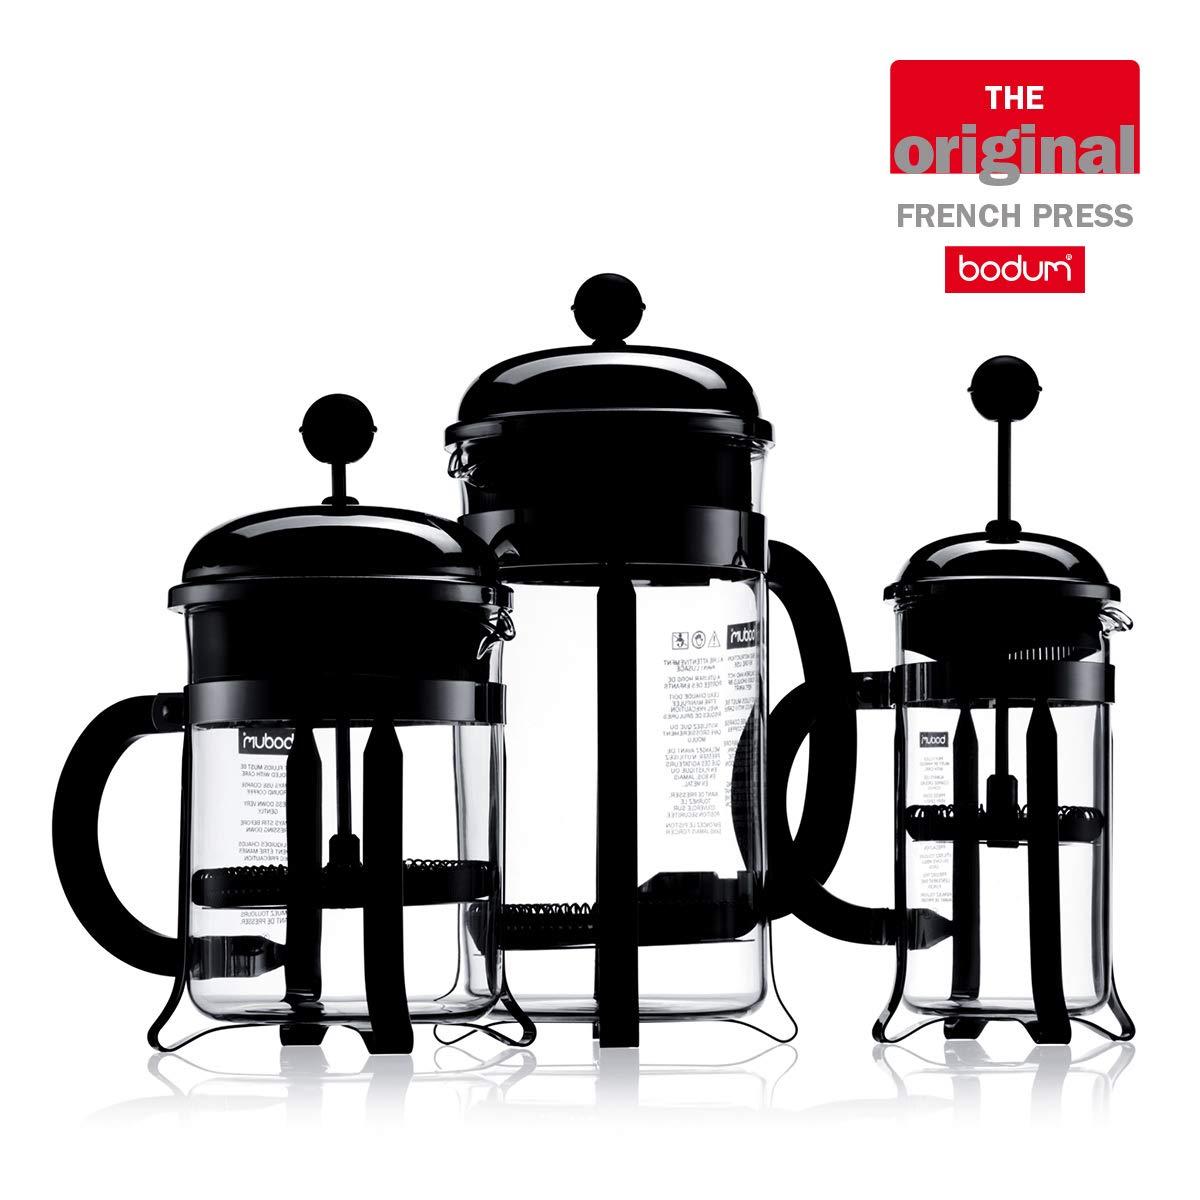 Color Cobre 11813-18 Chambord Bodum Cafetera 4 Tazas 0,5 l